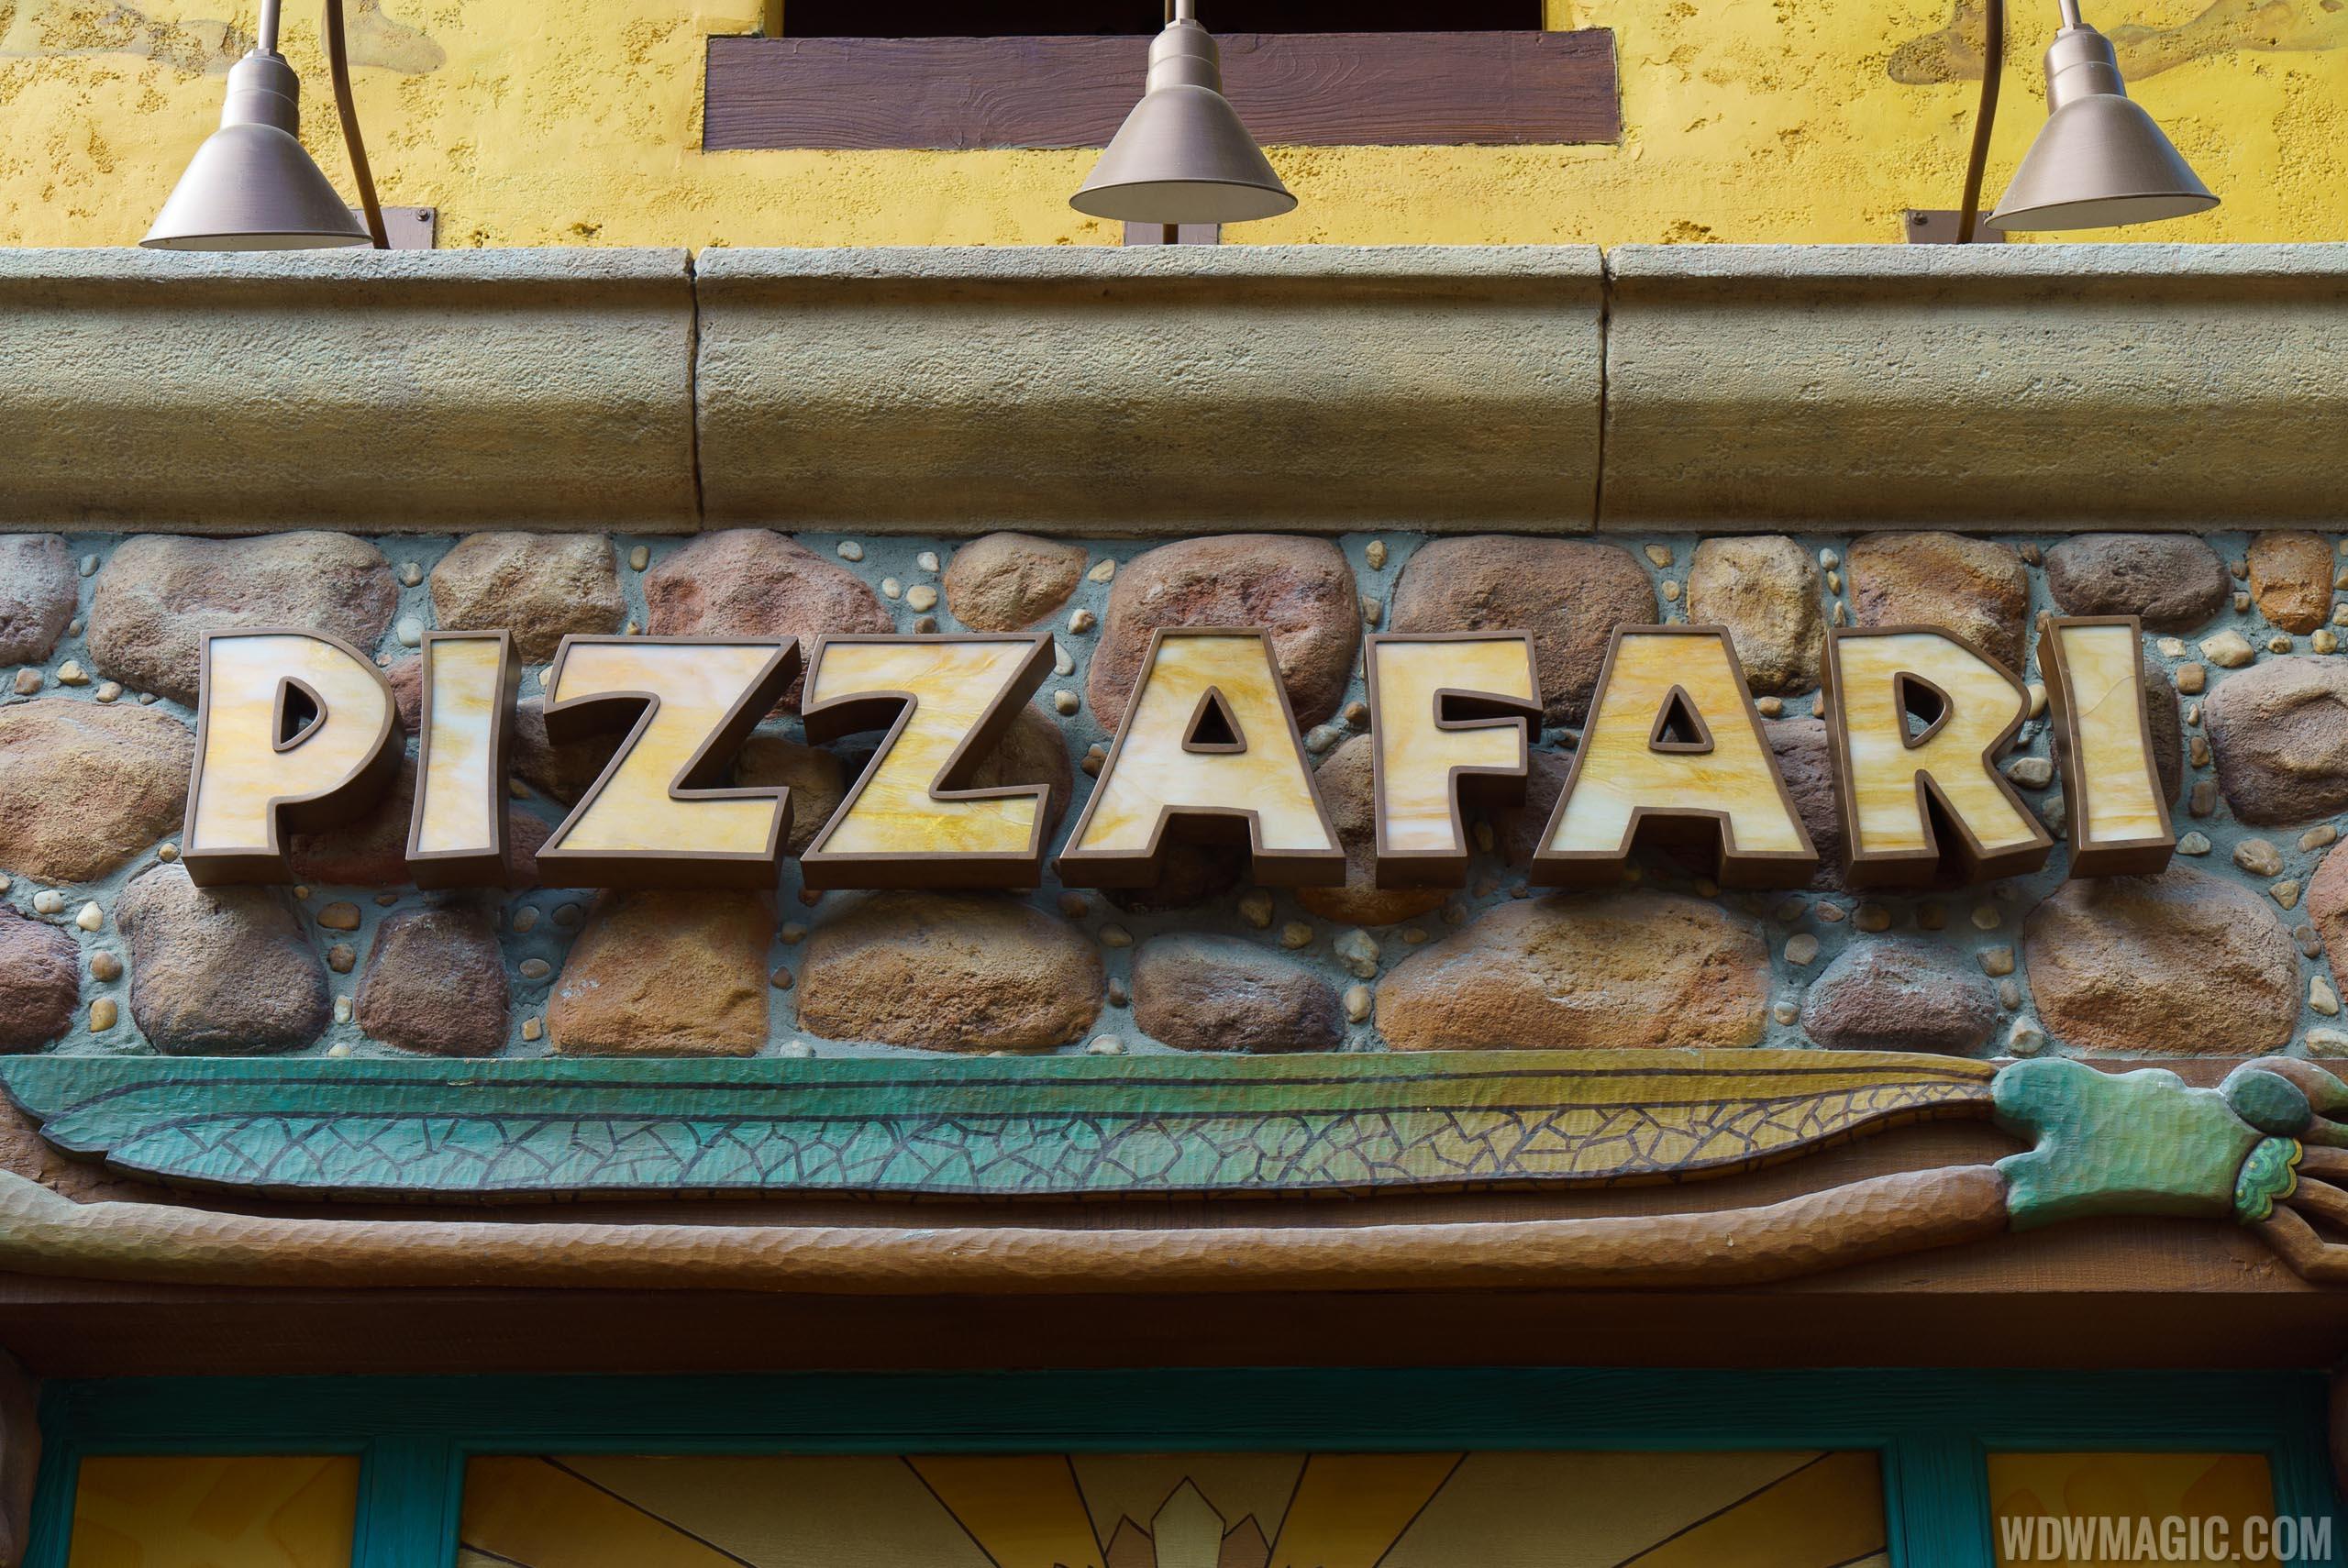 Pizzafari overview